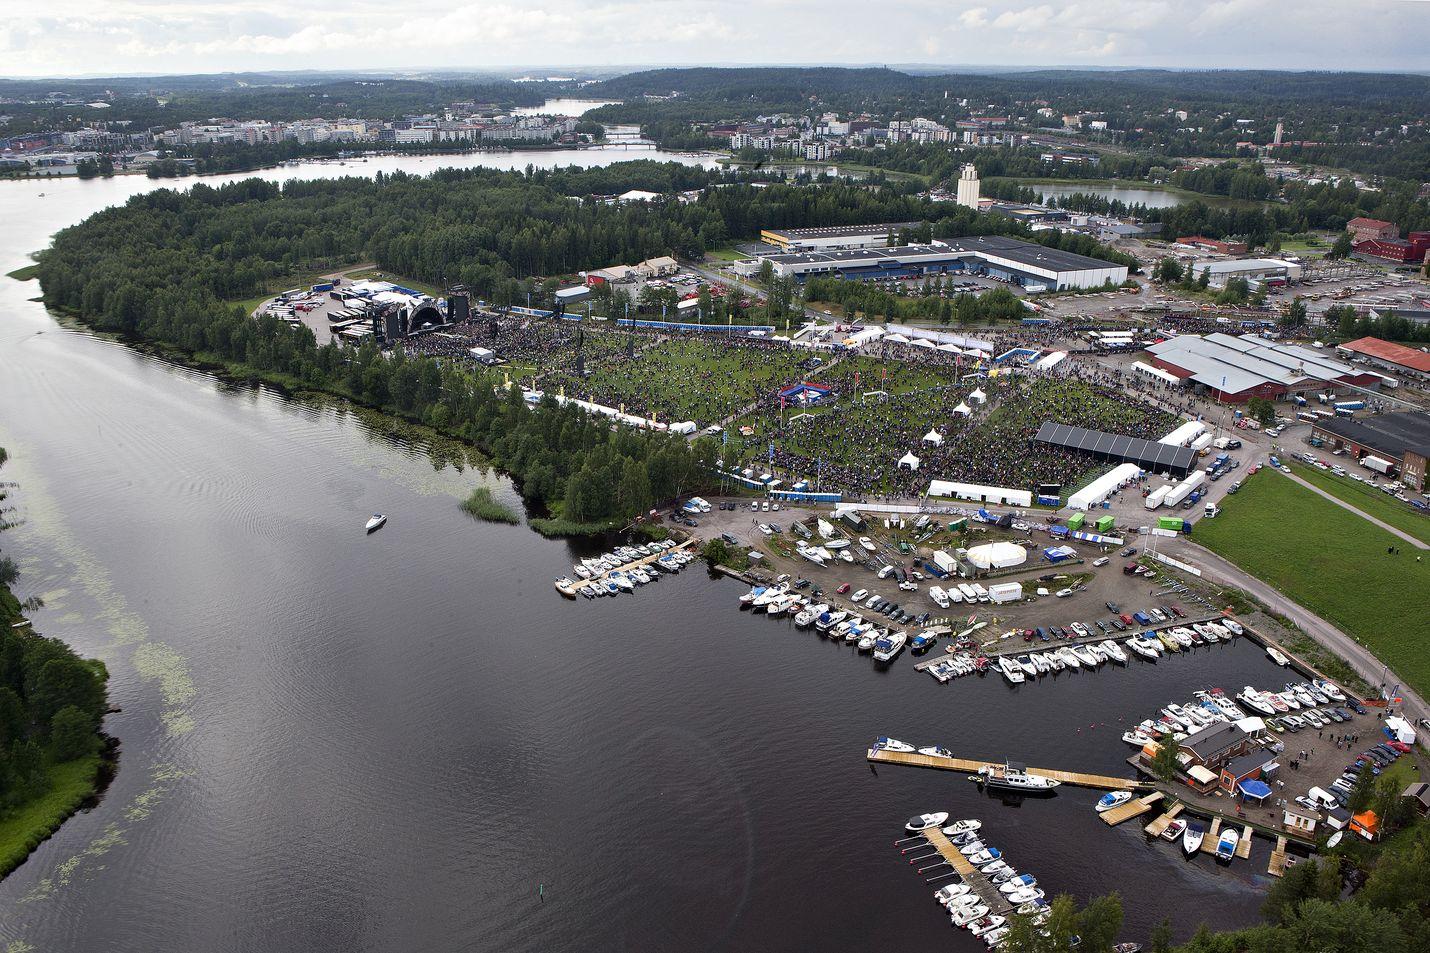 Kantolan tapahtumapuisto on yksi Helsingin ulkopuolisista keikka-areenoista. Avausvuonna 2015 AC/DC veti alueelle 55 000 katsojaa. Suuria konsertteja on järjestetty myös muualla Suomessa, esimerkiksi Porin Kirjurinluodossa.